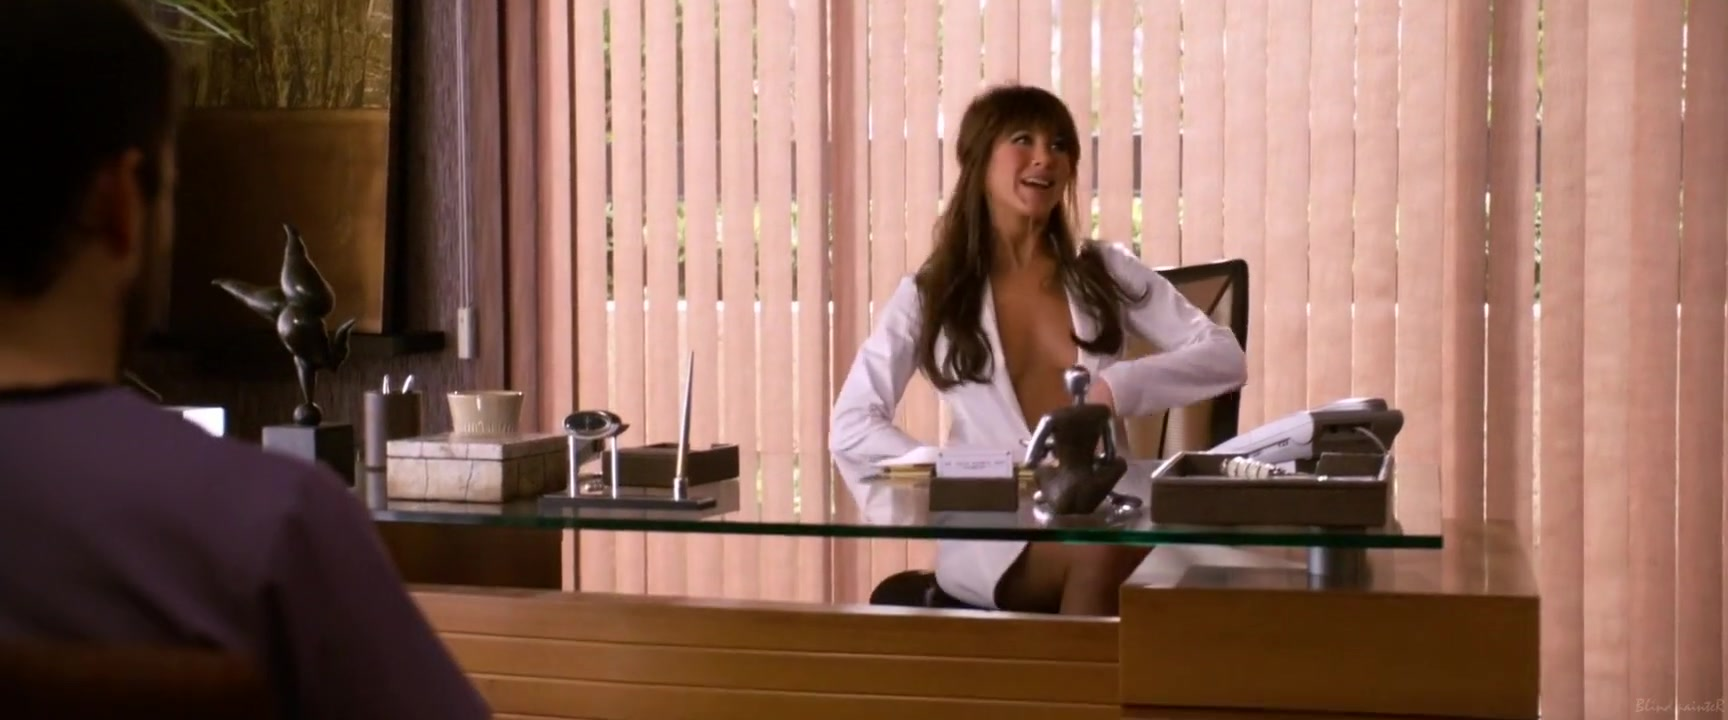 Porn tube How to fuck pornhub